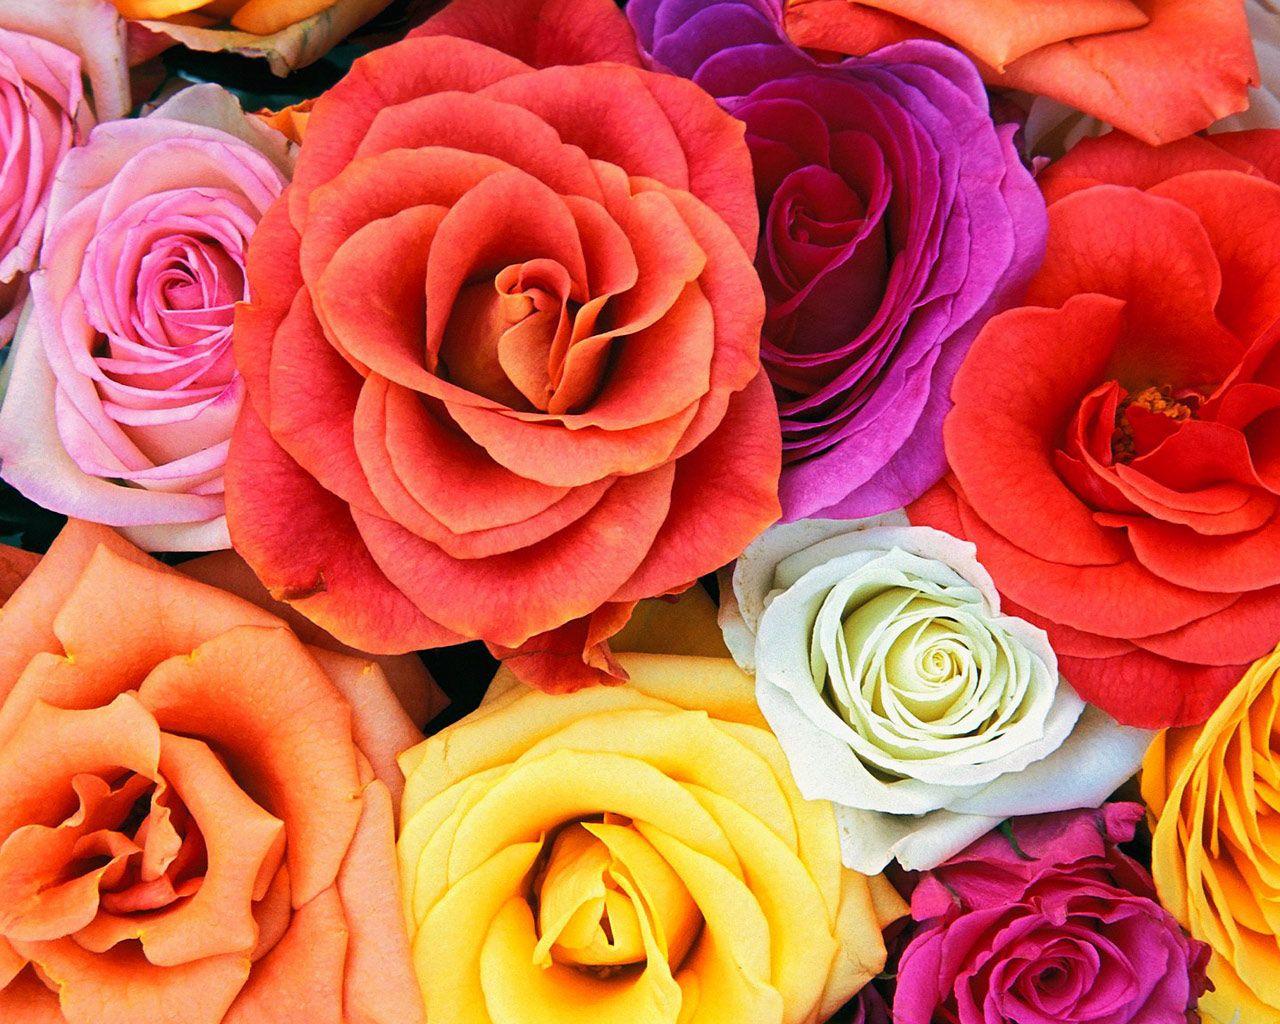 terre/nature - rose - fleur fond d'écran | fleur | pinterest